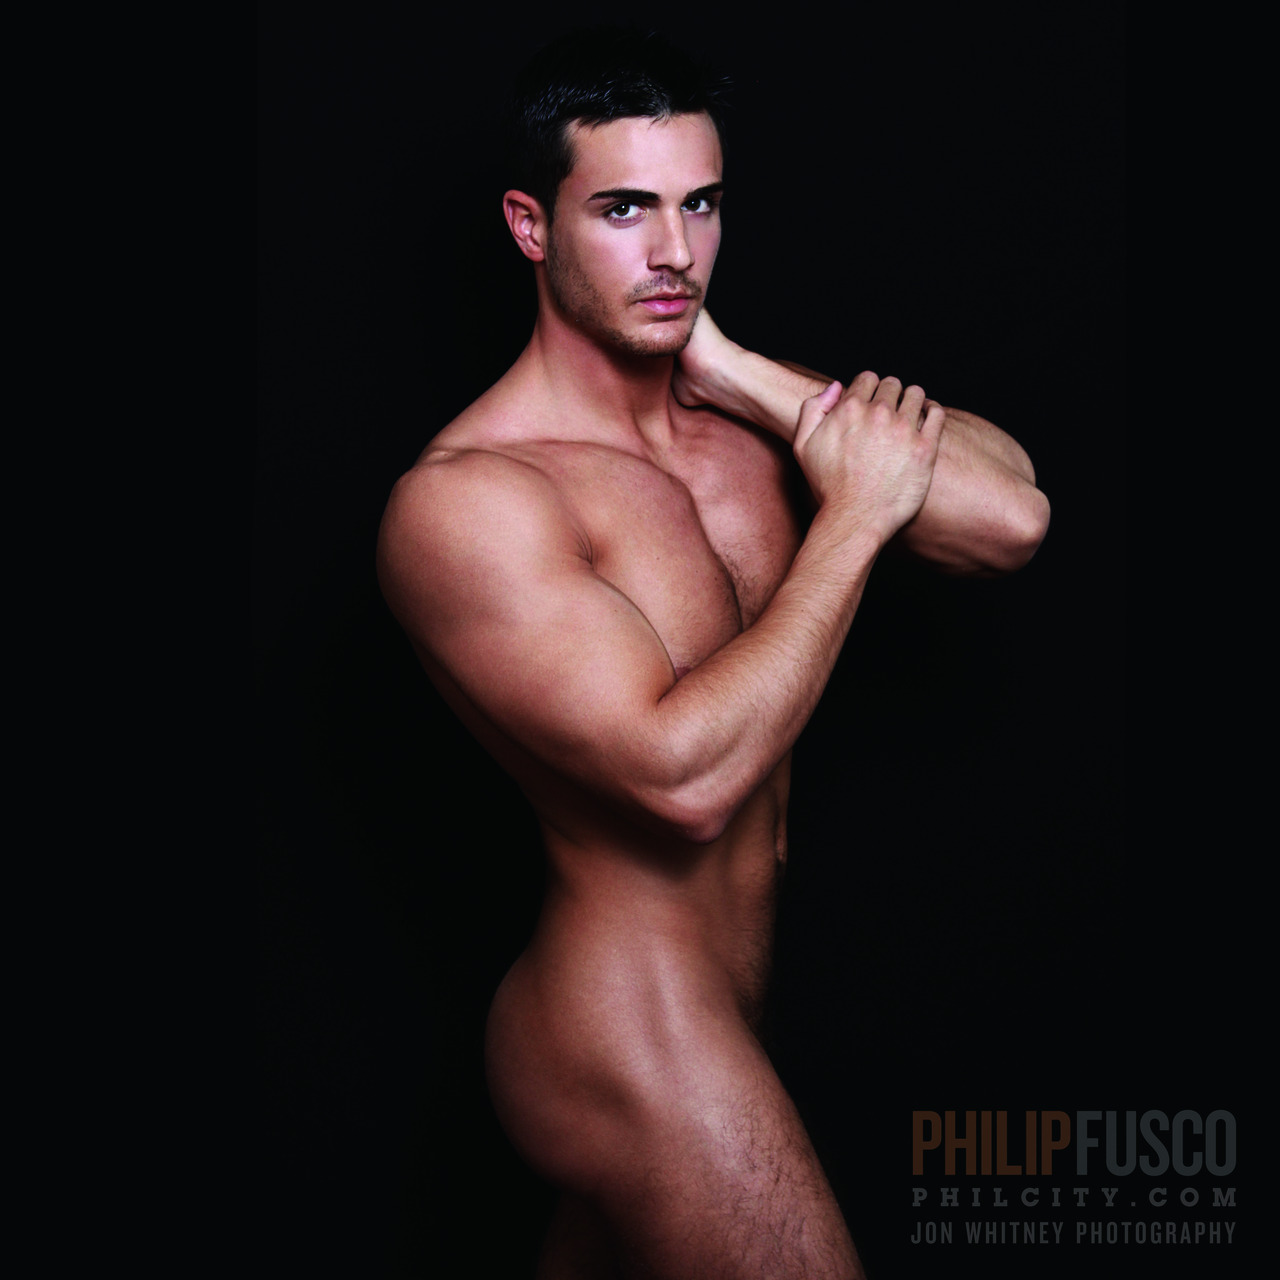 Philip Fusco 2013 Calendar